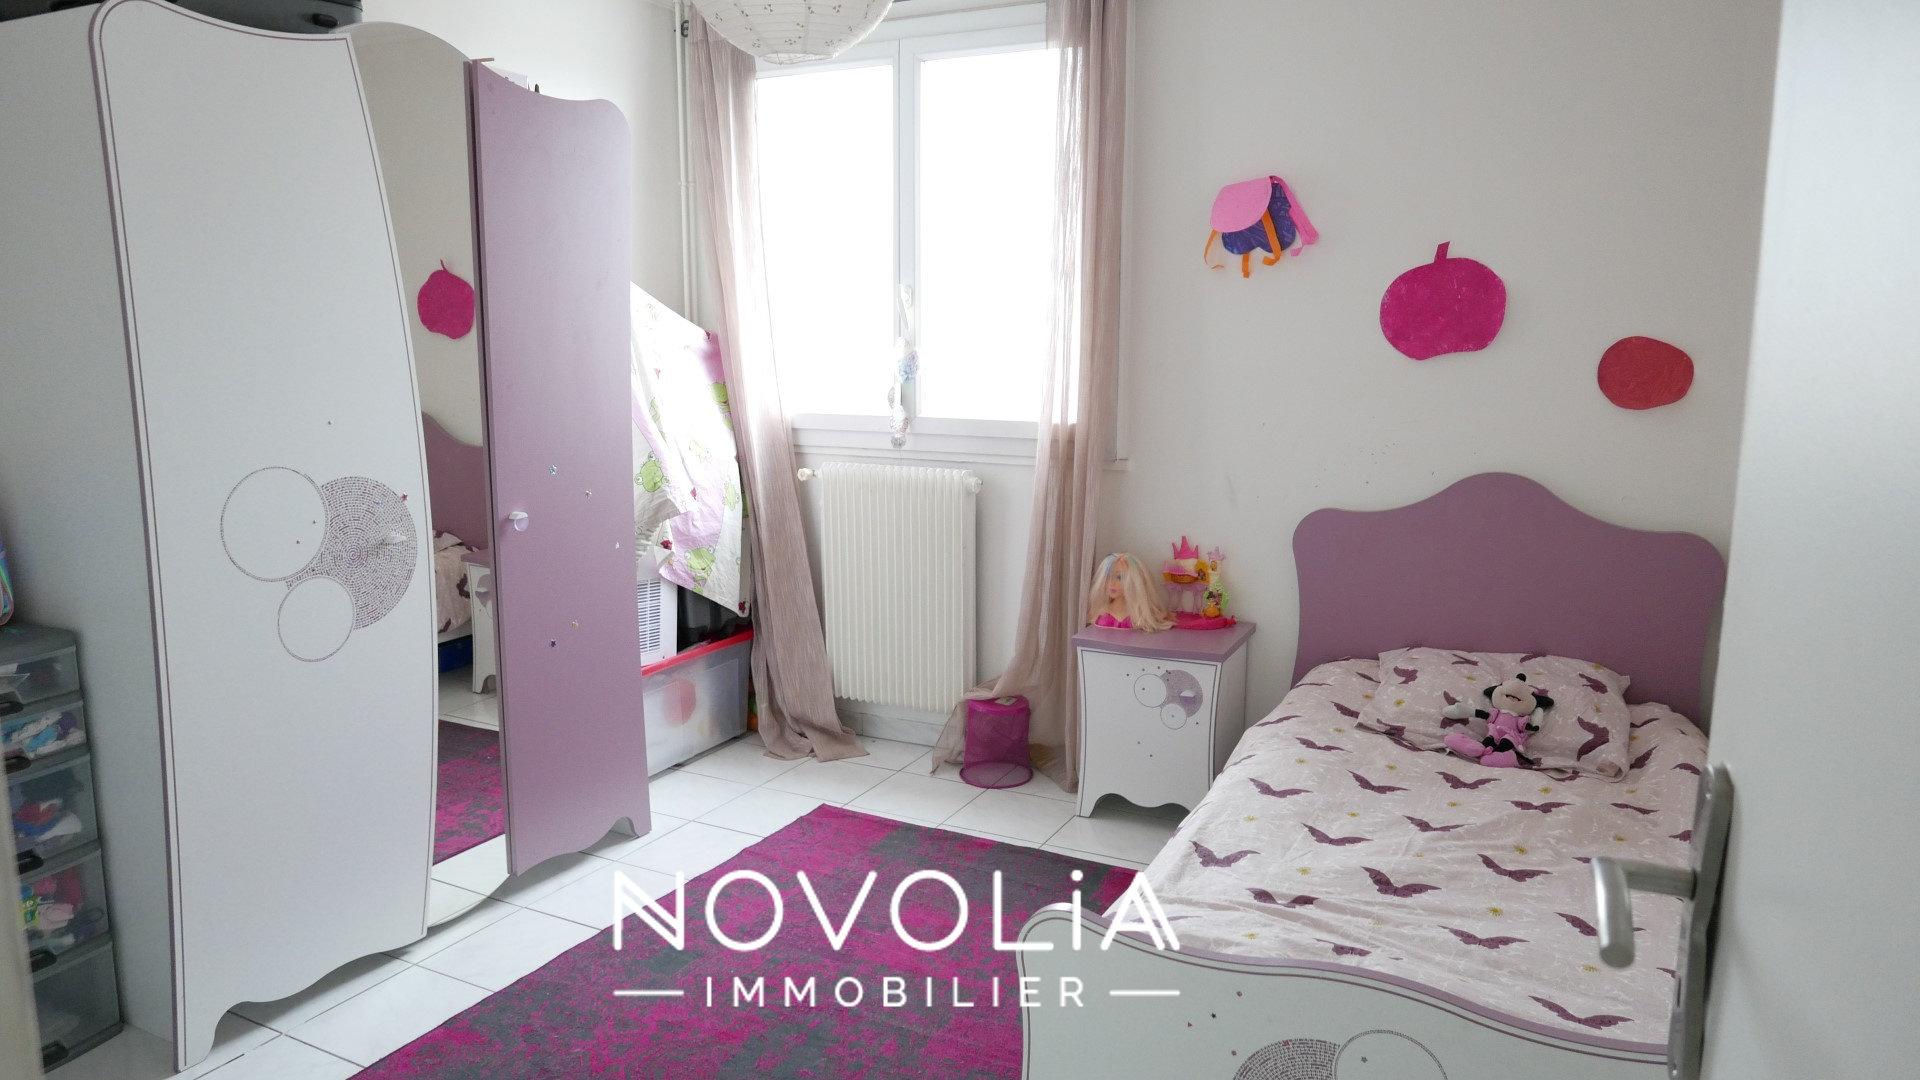 Achat Appartement, Surface de 80.7 m², 4 pièces, Vénissieux (69200)